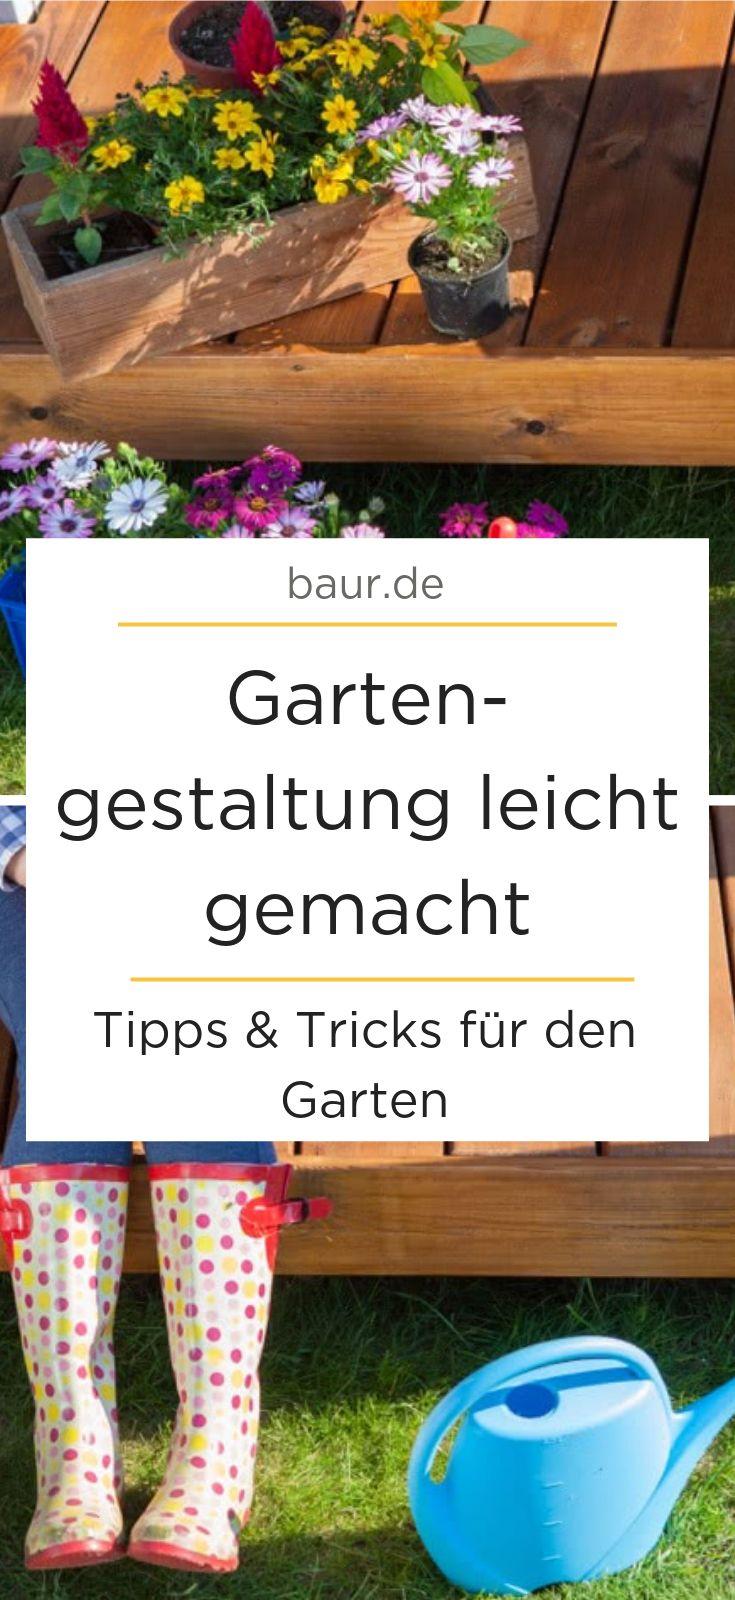 Gartengestaltung leicht gemacht – Tipps und Tricks für den Garten